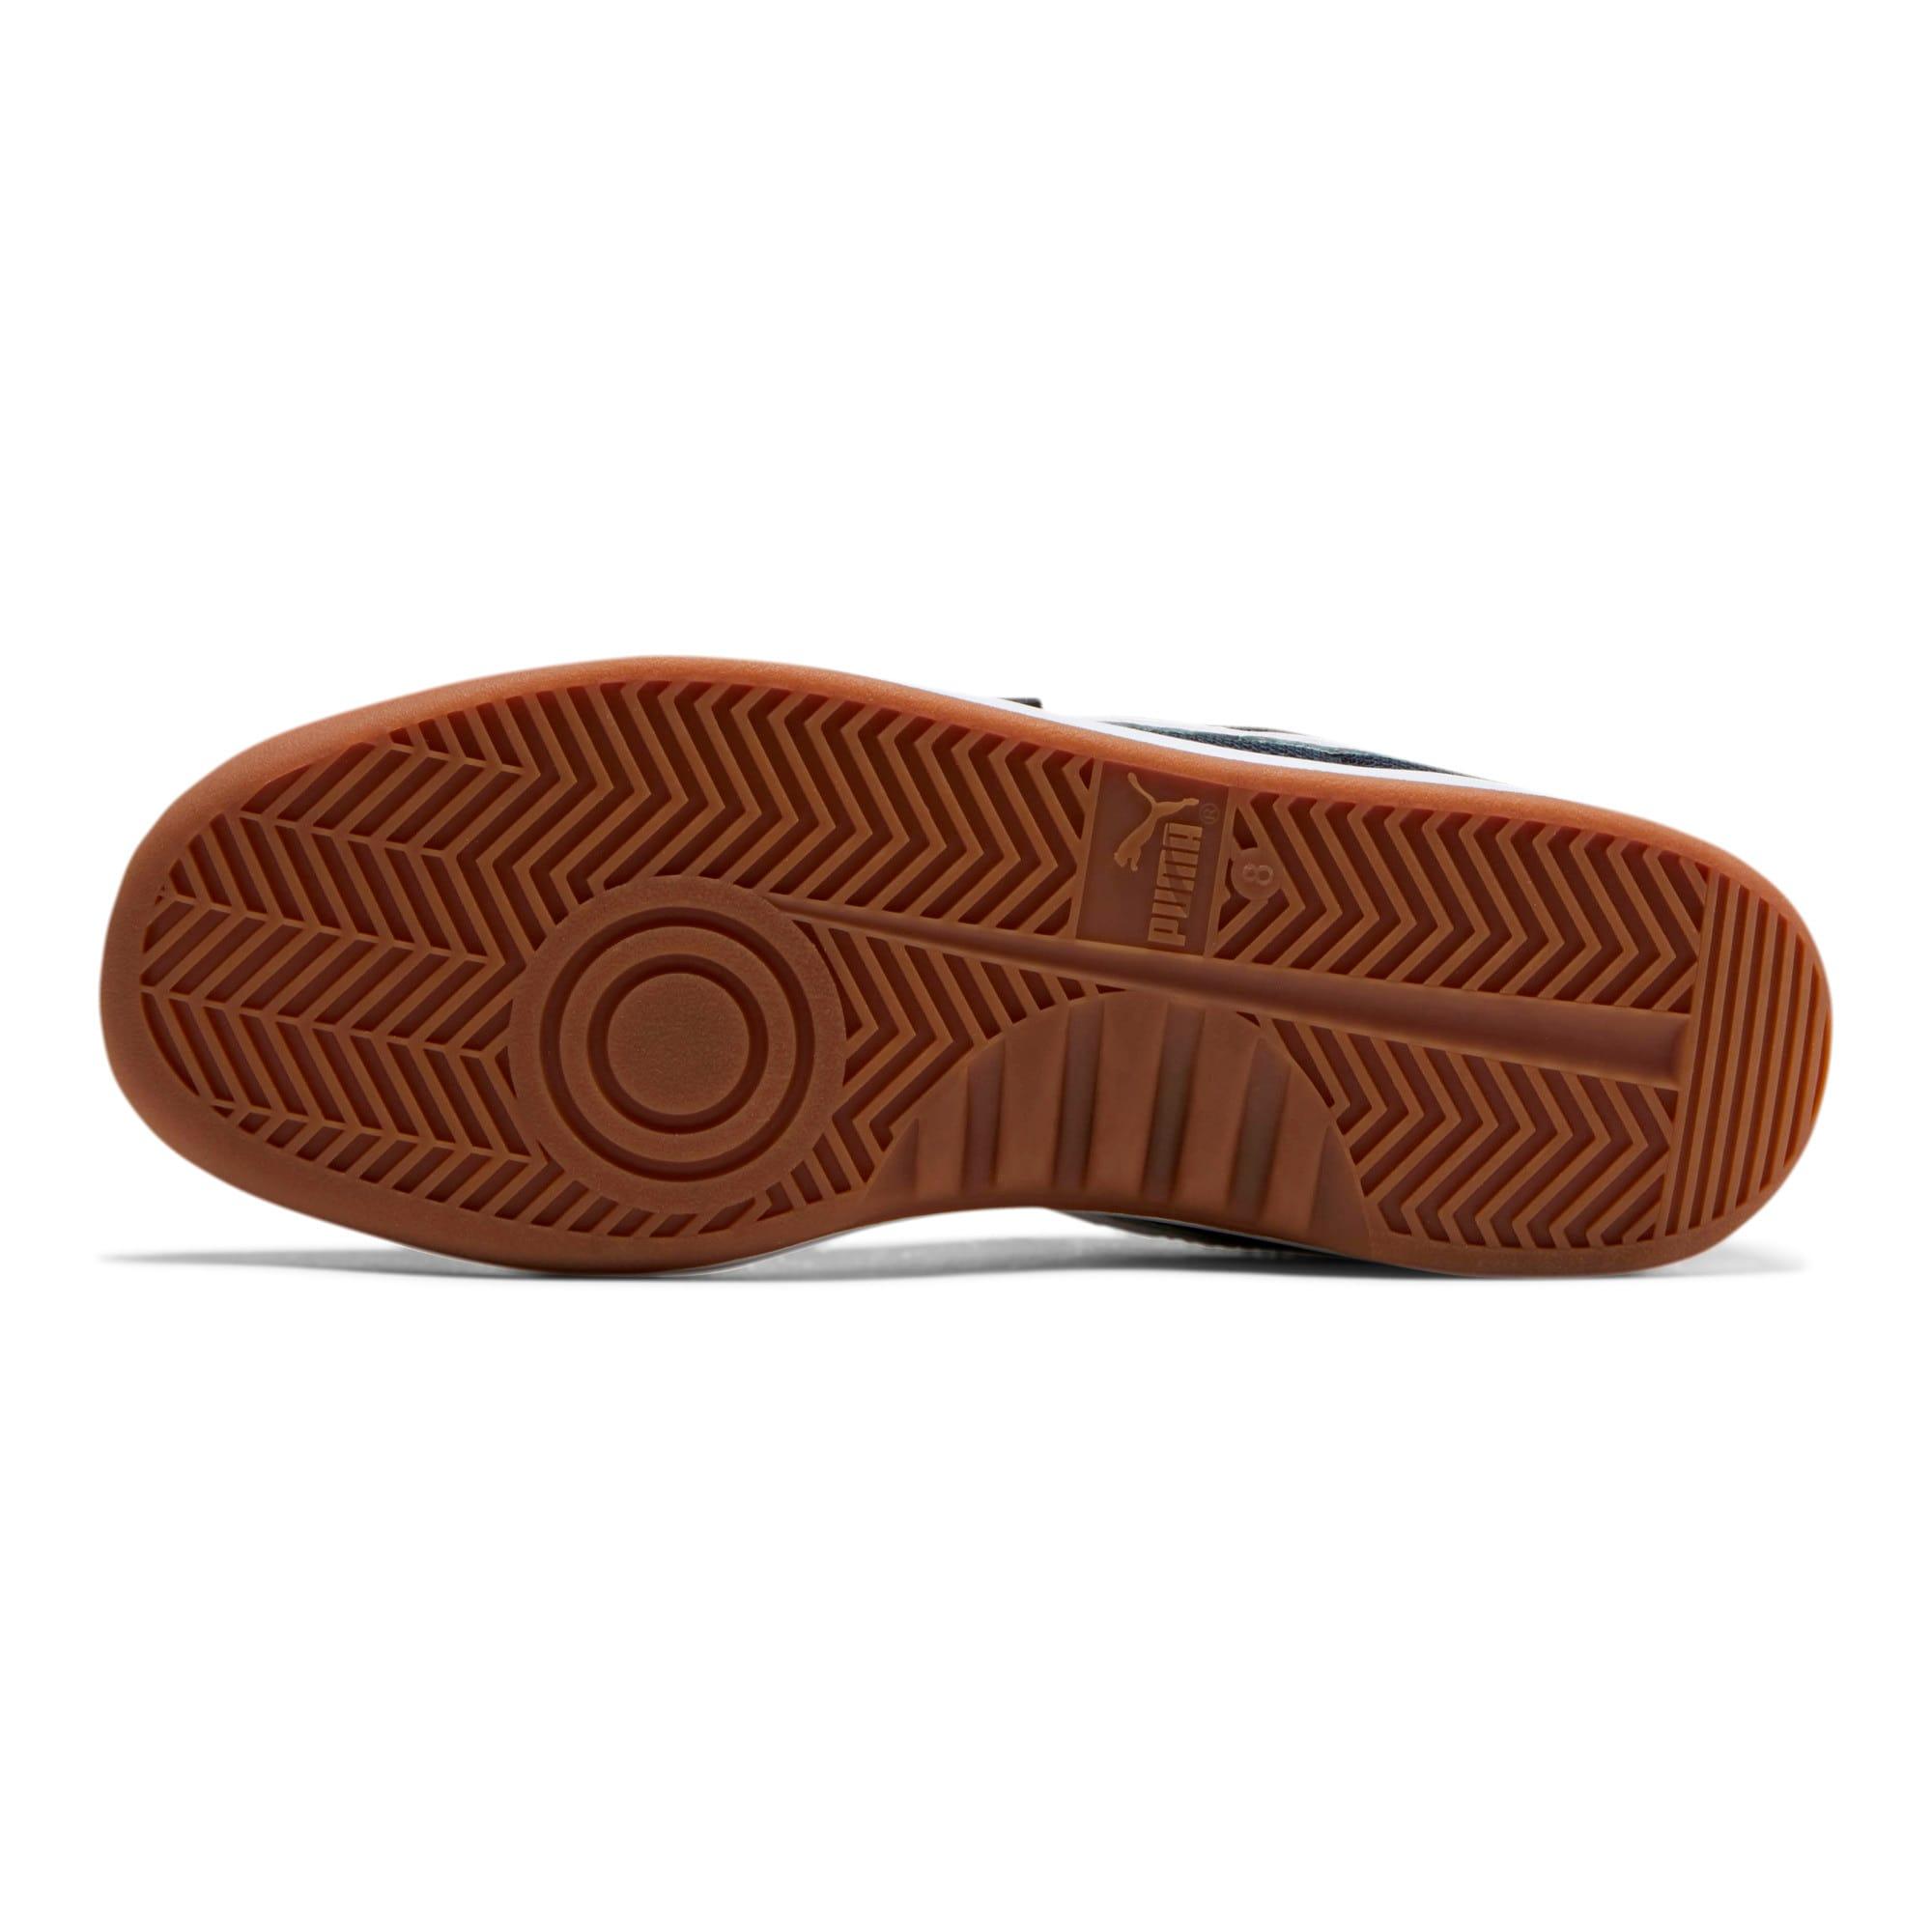 Thumbnail 3 of California Casual Sneakers, Peacoat-Puma White, medium